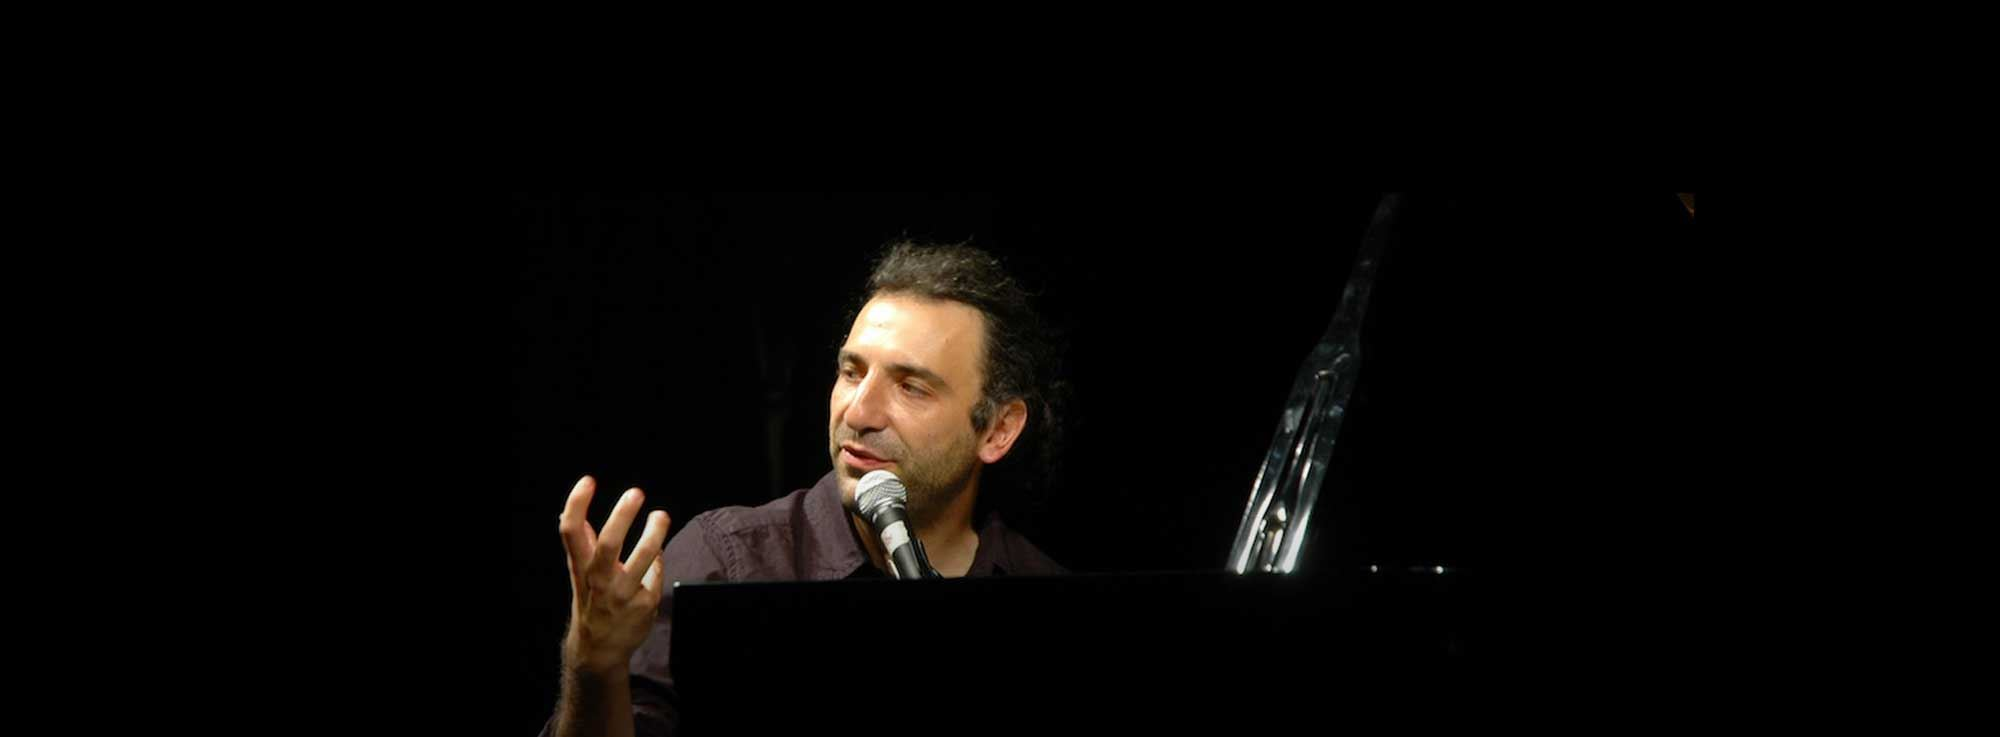 Castellana Grotte: Stefano Bollani in concerto